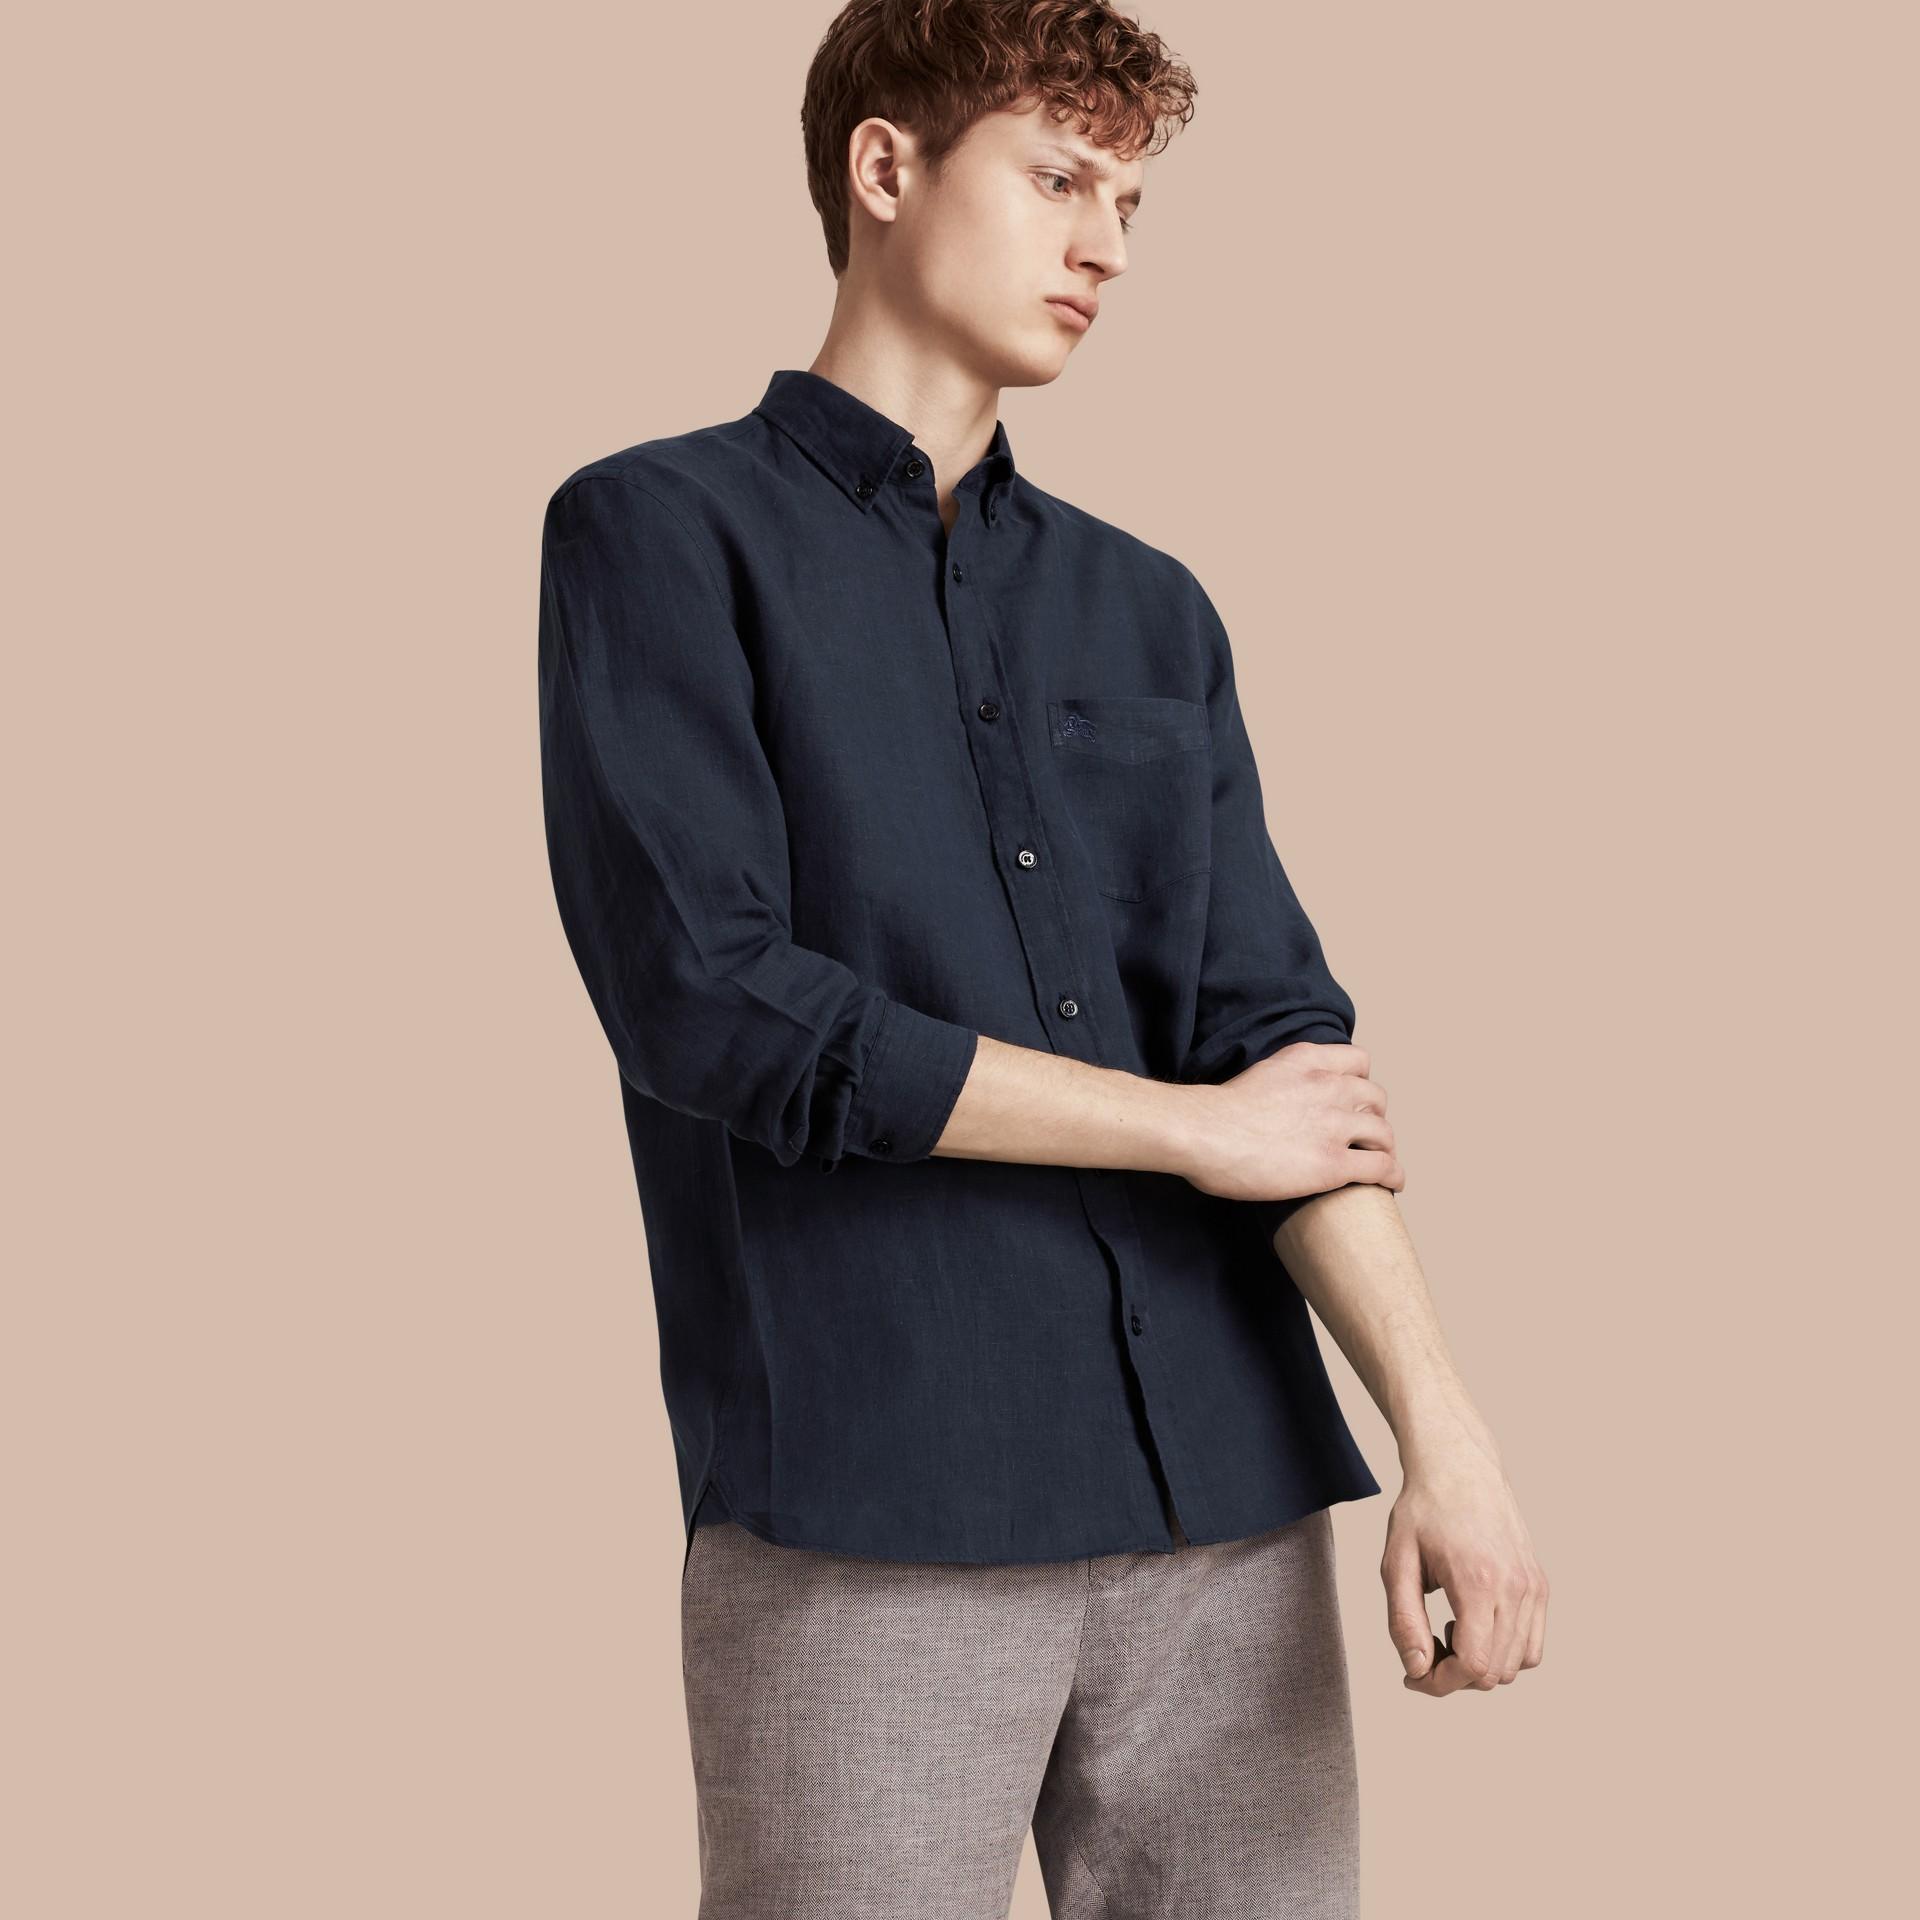 Синий Рубашка с воротником на пуговицах Синий - изображение 1